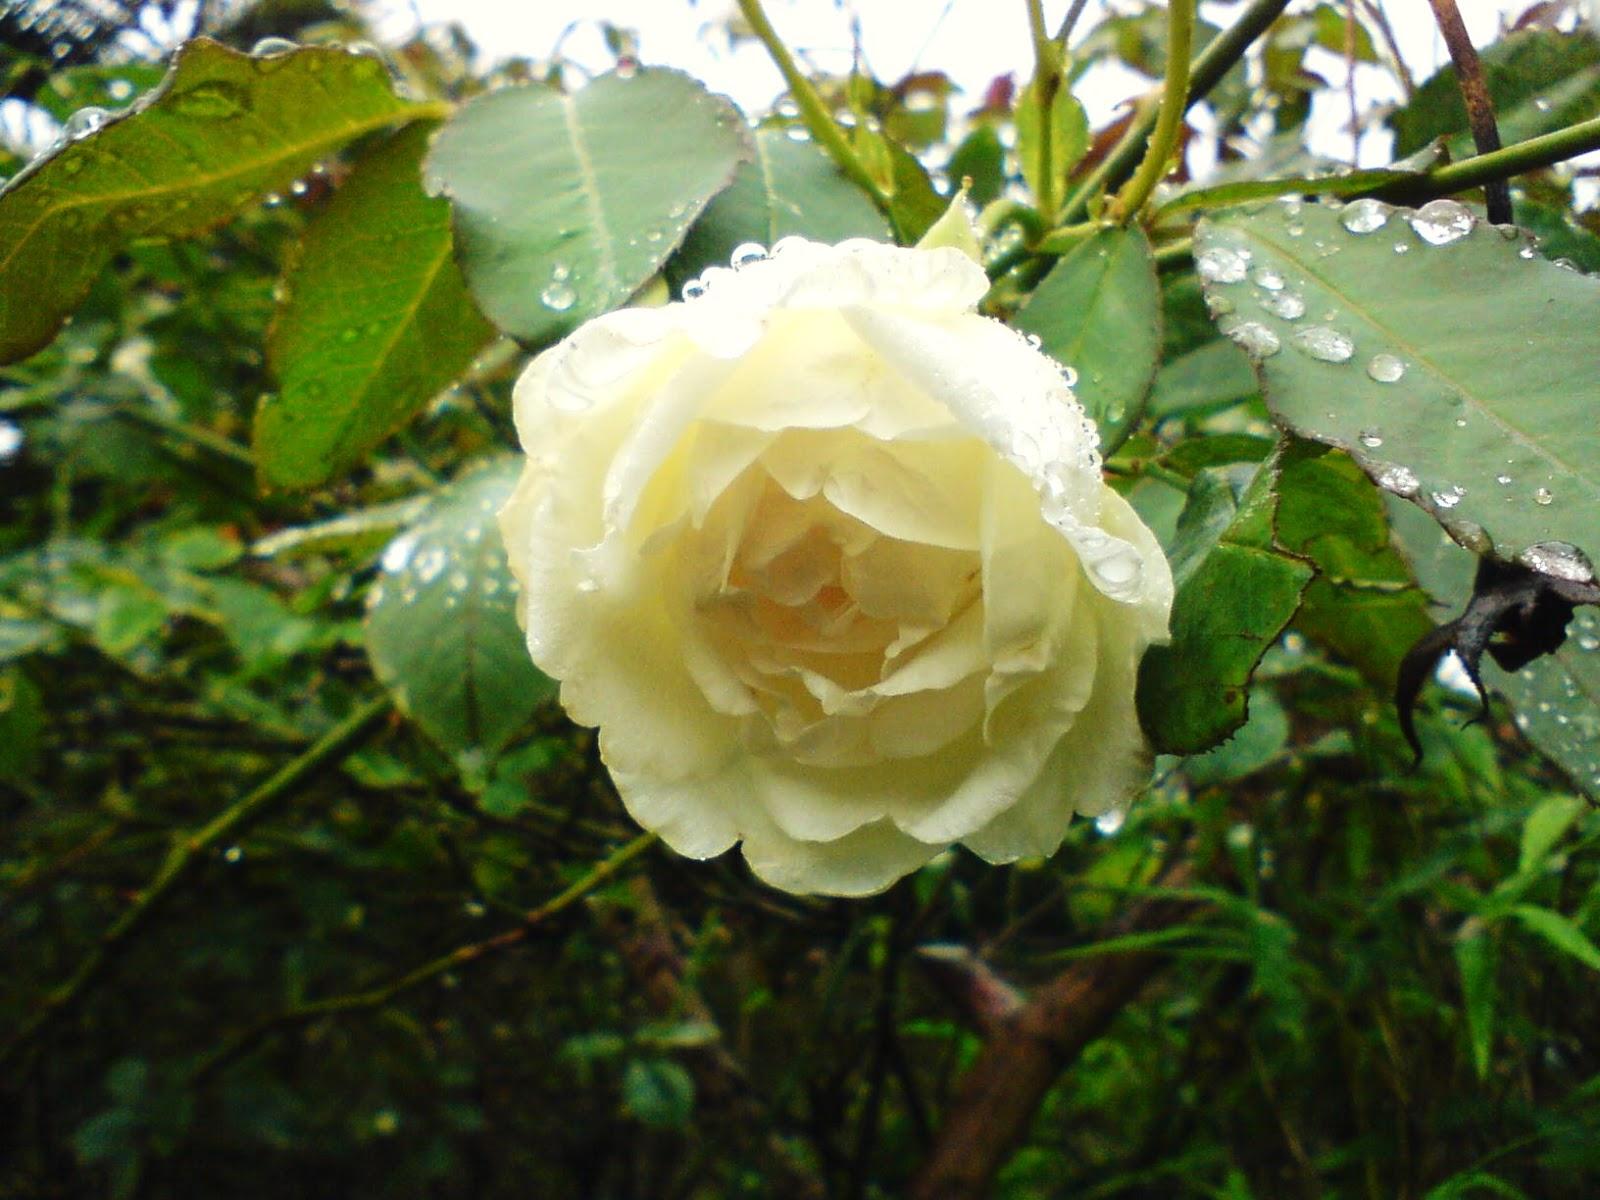 Ý nghĩa của hoa hồng trong tình yêu. Nghệ thuật cắm hoa hồng. Ý nghĩa của những bông hoa hồng. Những mẫu hoa hồng cầm tay. Nghệ thuật cắm lẵng hoa hồng